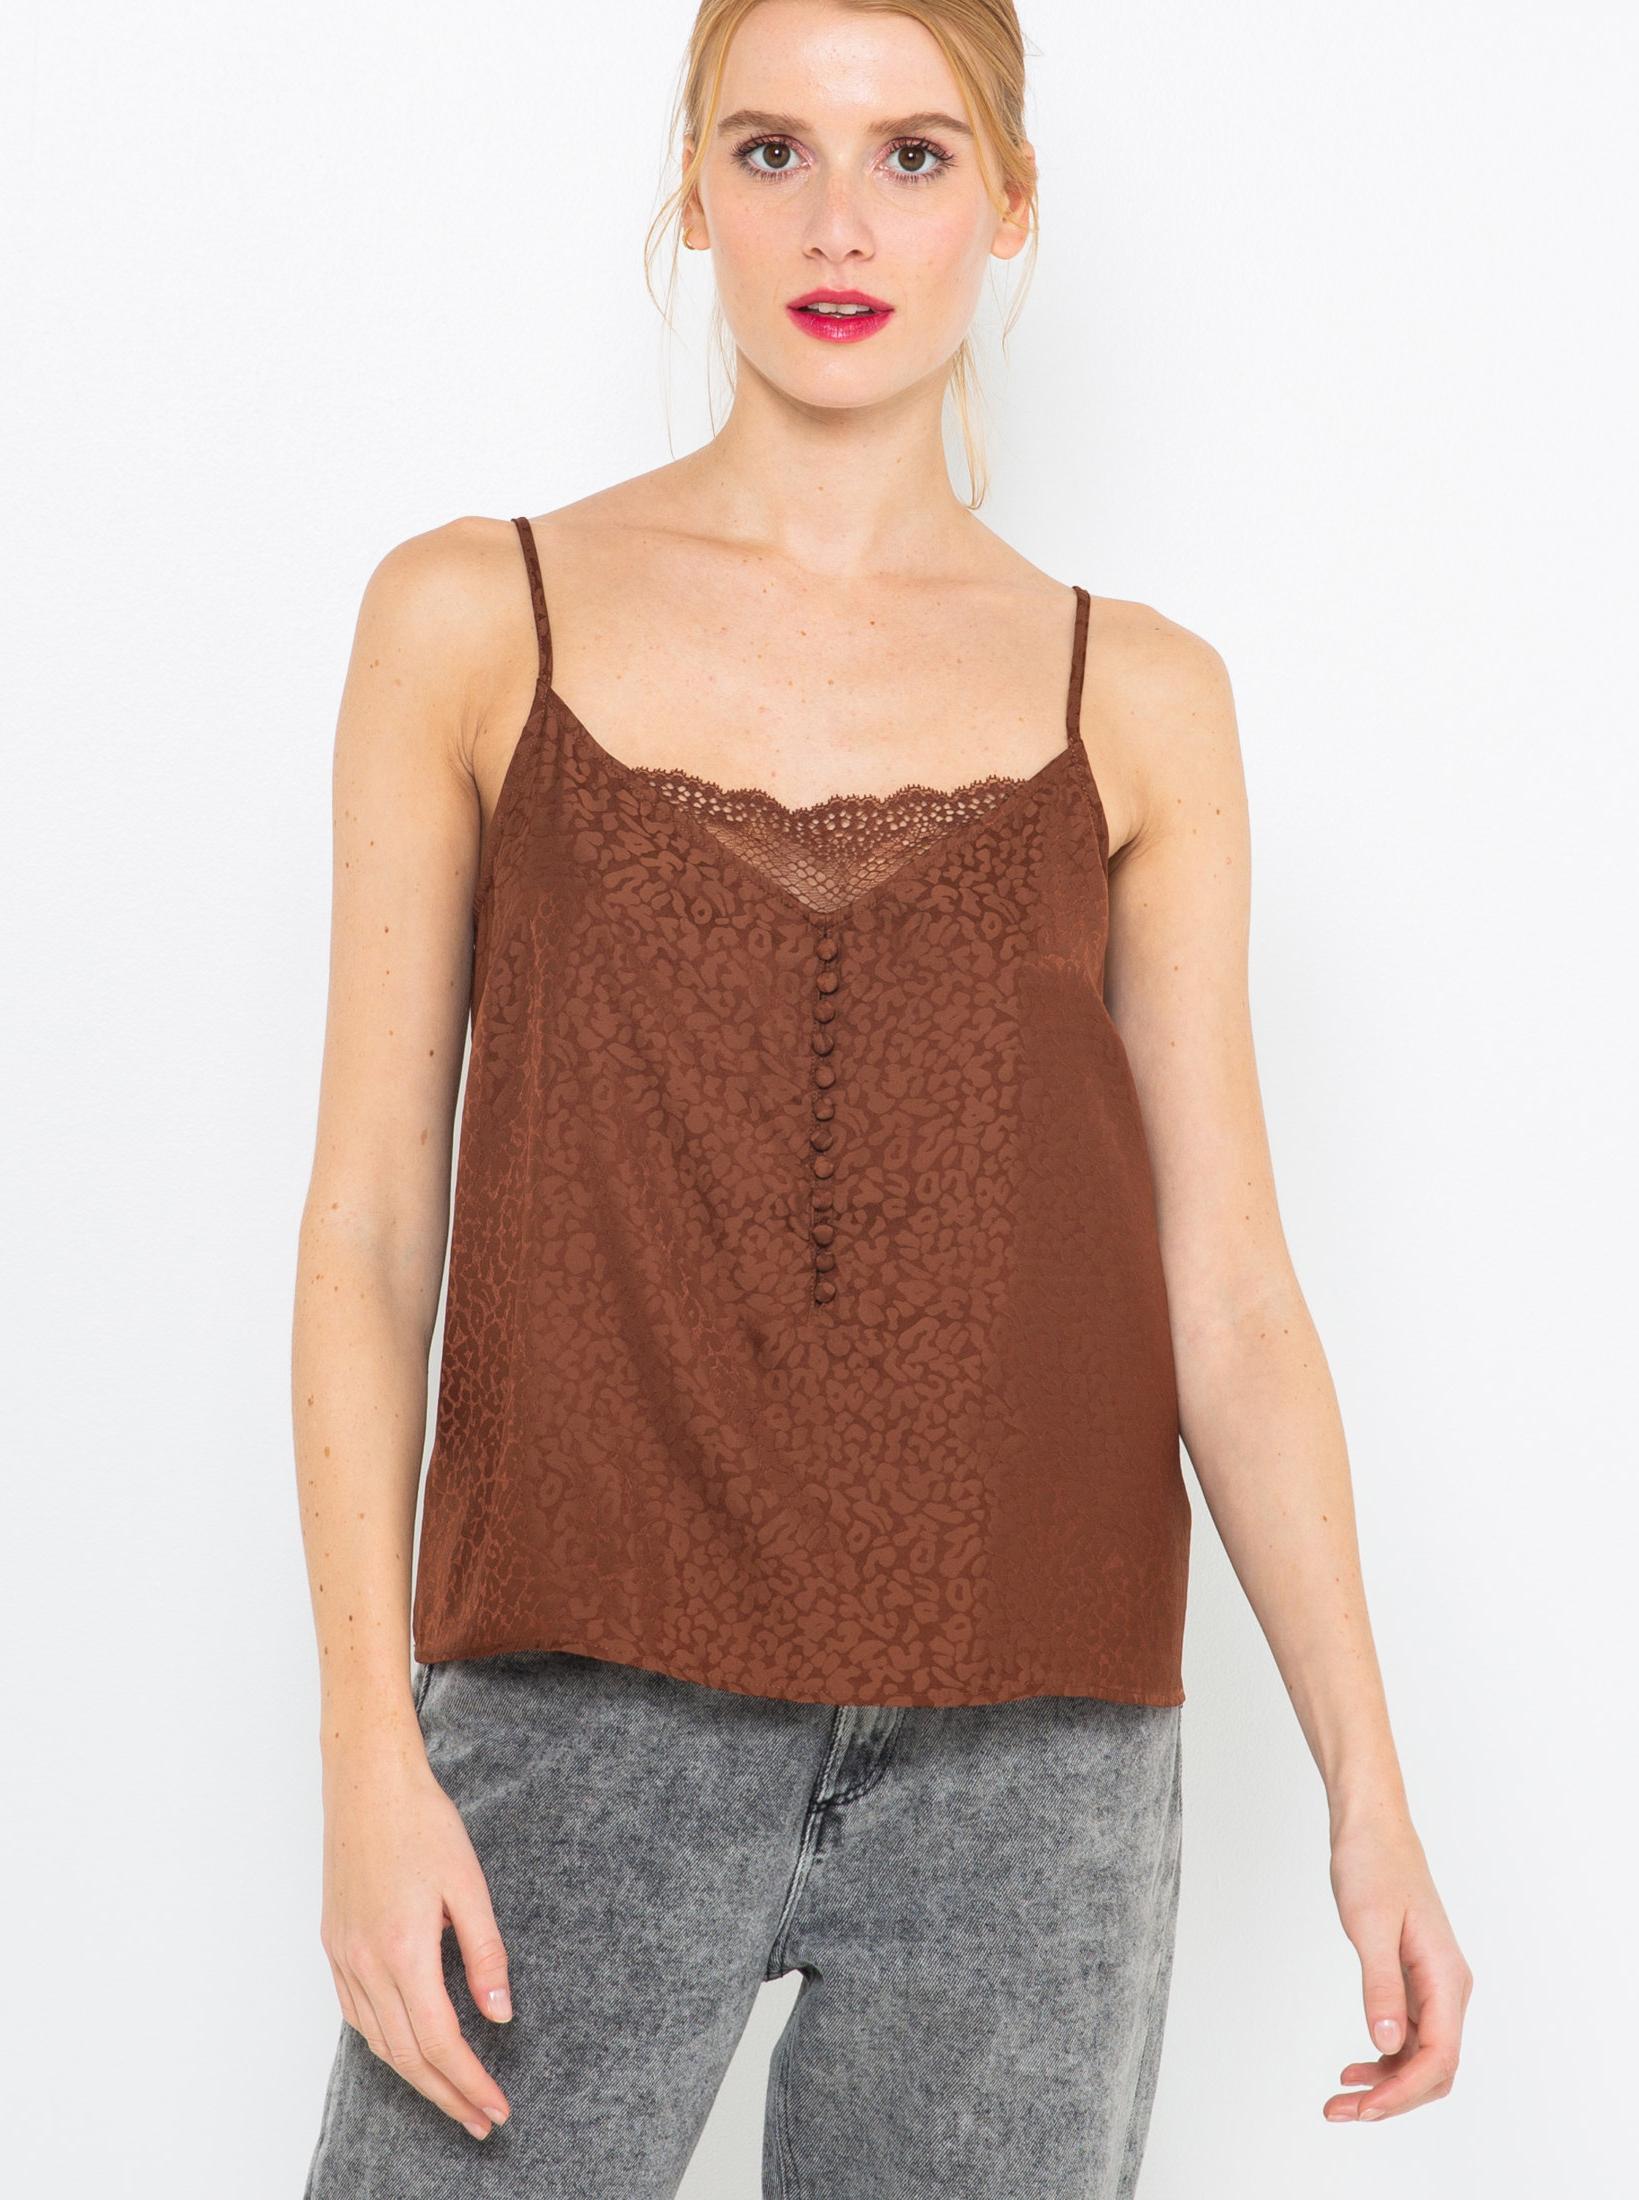 CAMAIEU Women's top brown